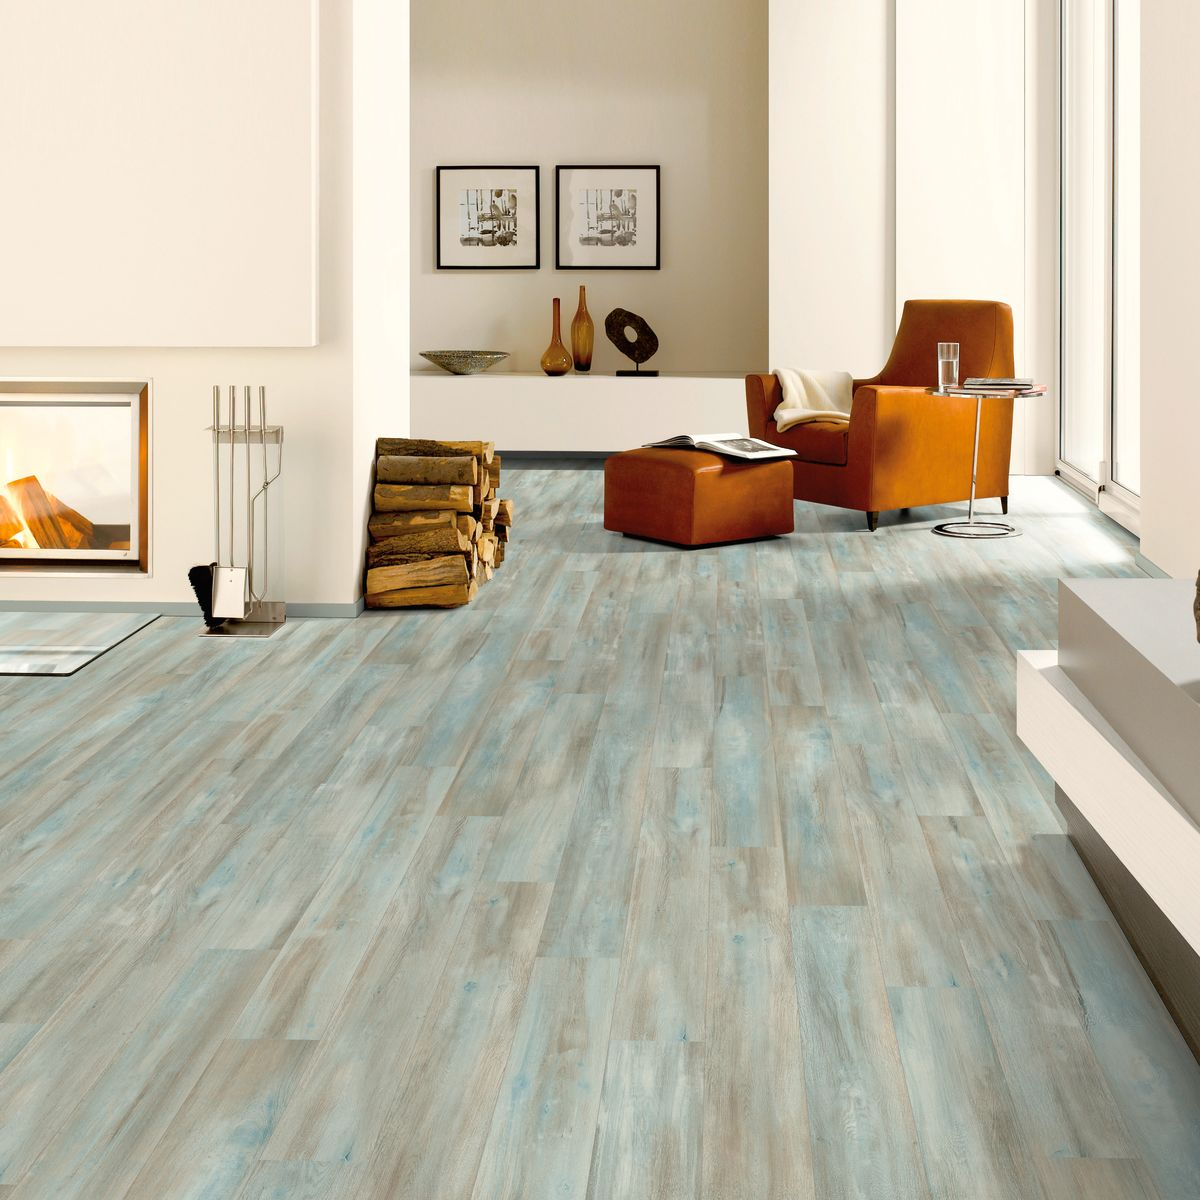 Beautiful pavimenti finto legno prezzi photos for Pavimento laminato prezzi